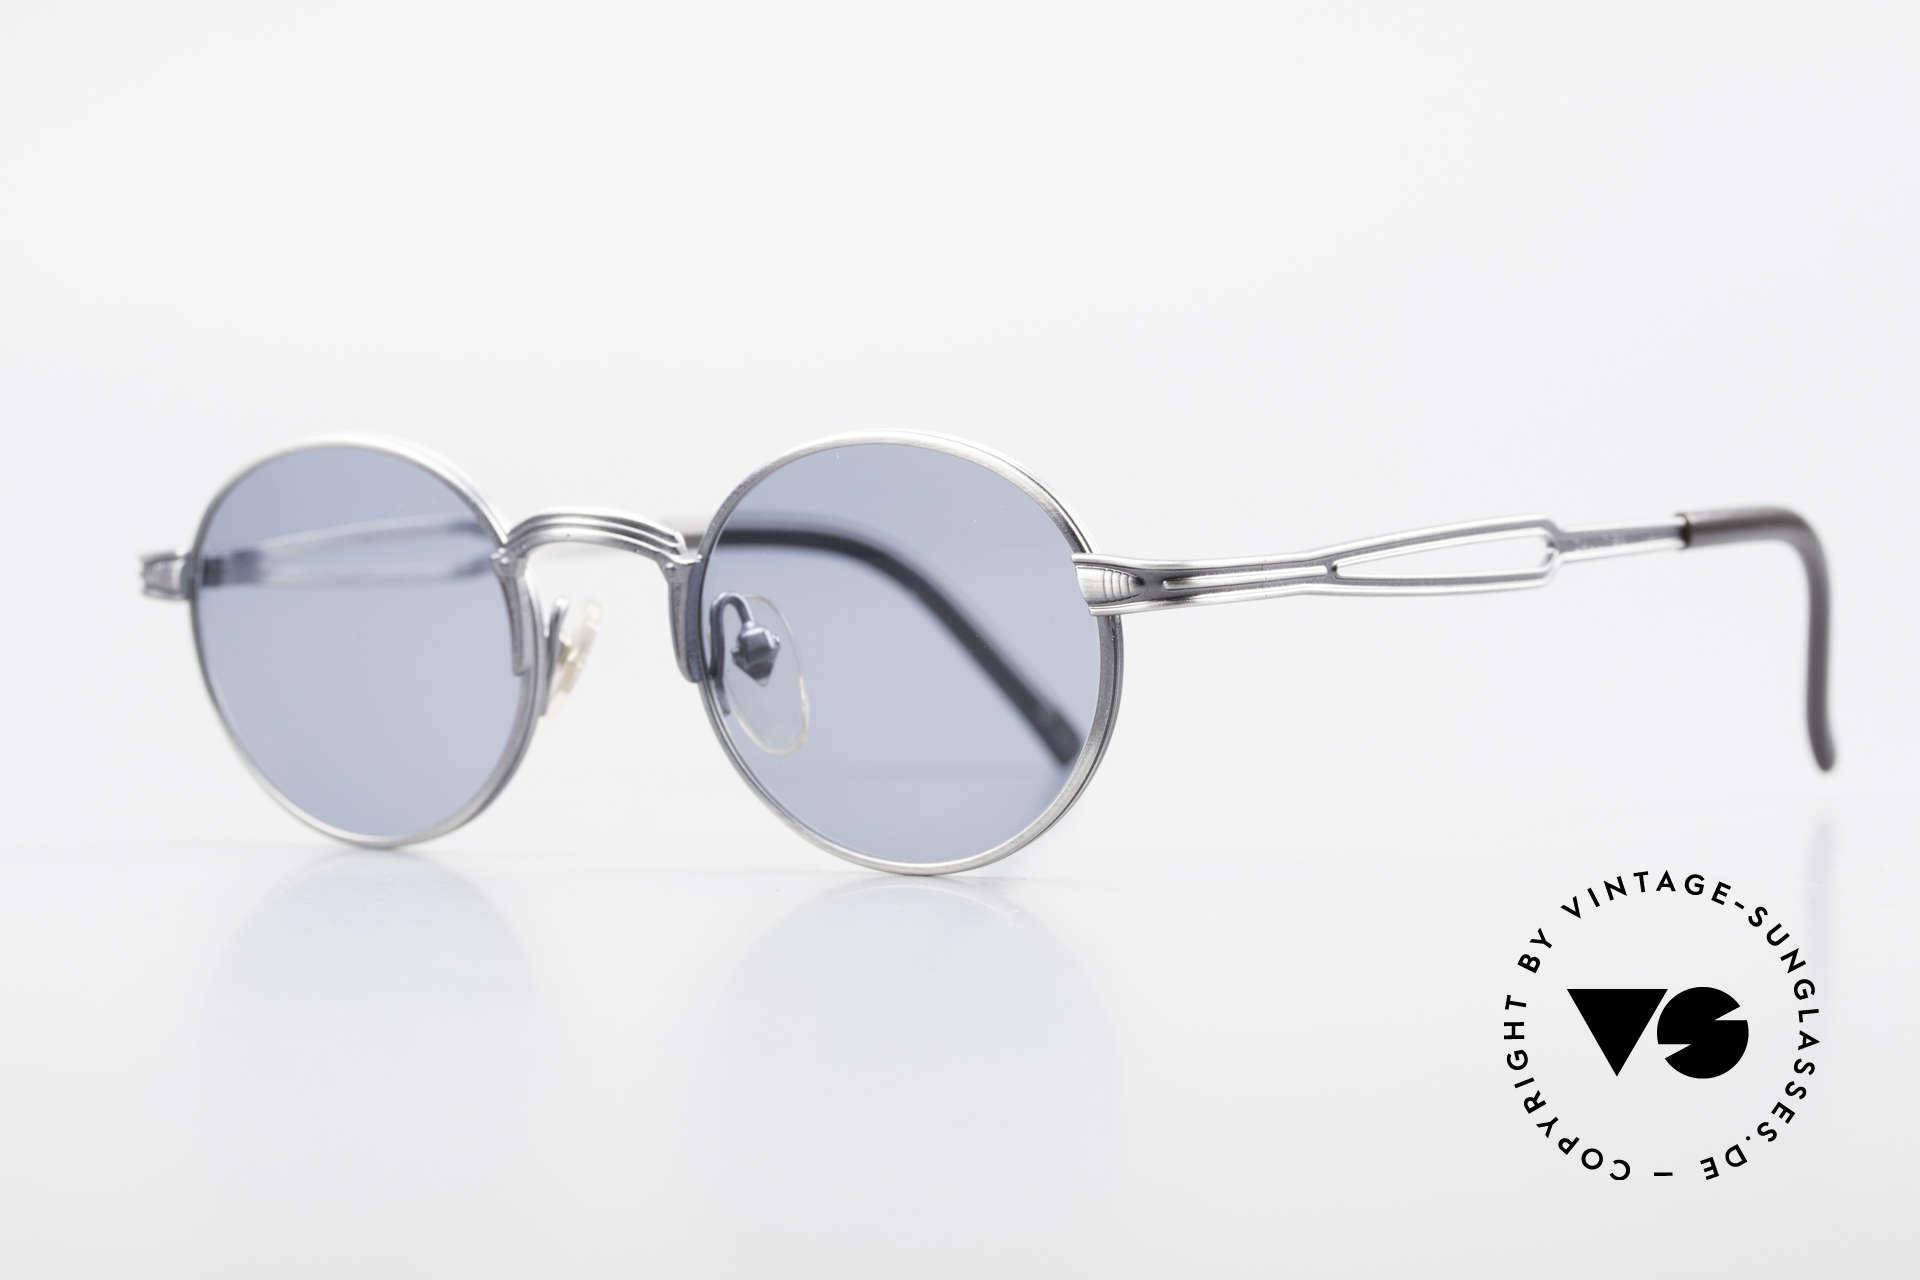 """Jean Paul Gaultier 55-7107 Kleine Runde Vintage Brille, Sonnengläser in """"Heidelbeer-Blau"""" (100% UV Schutz), Passend für Herren und Damen"""